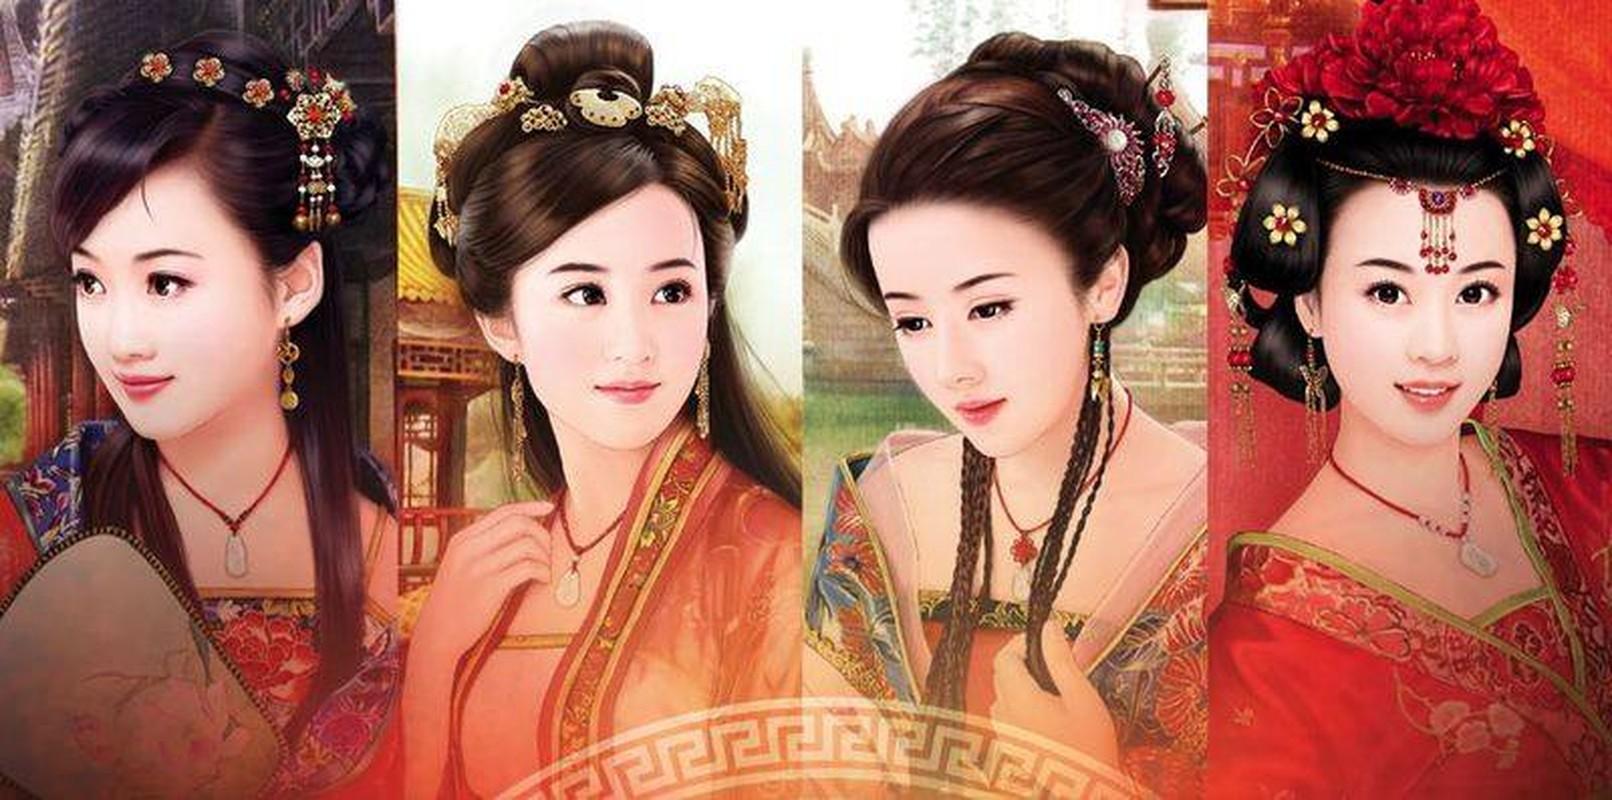 Vi sao phi tan nha Thanh khong he dep